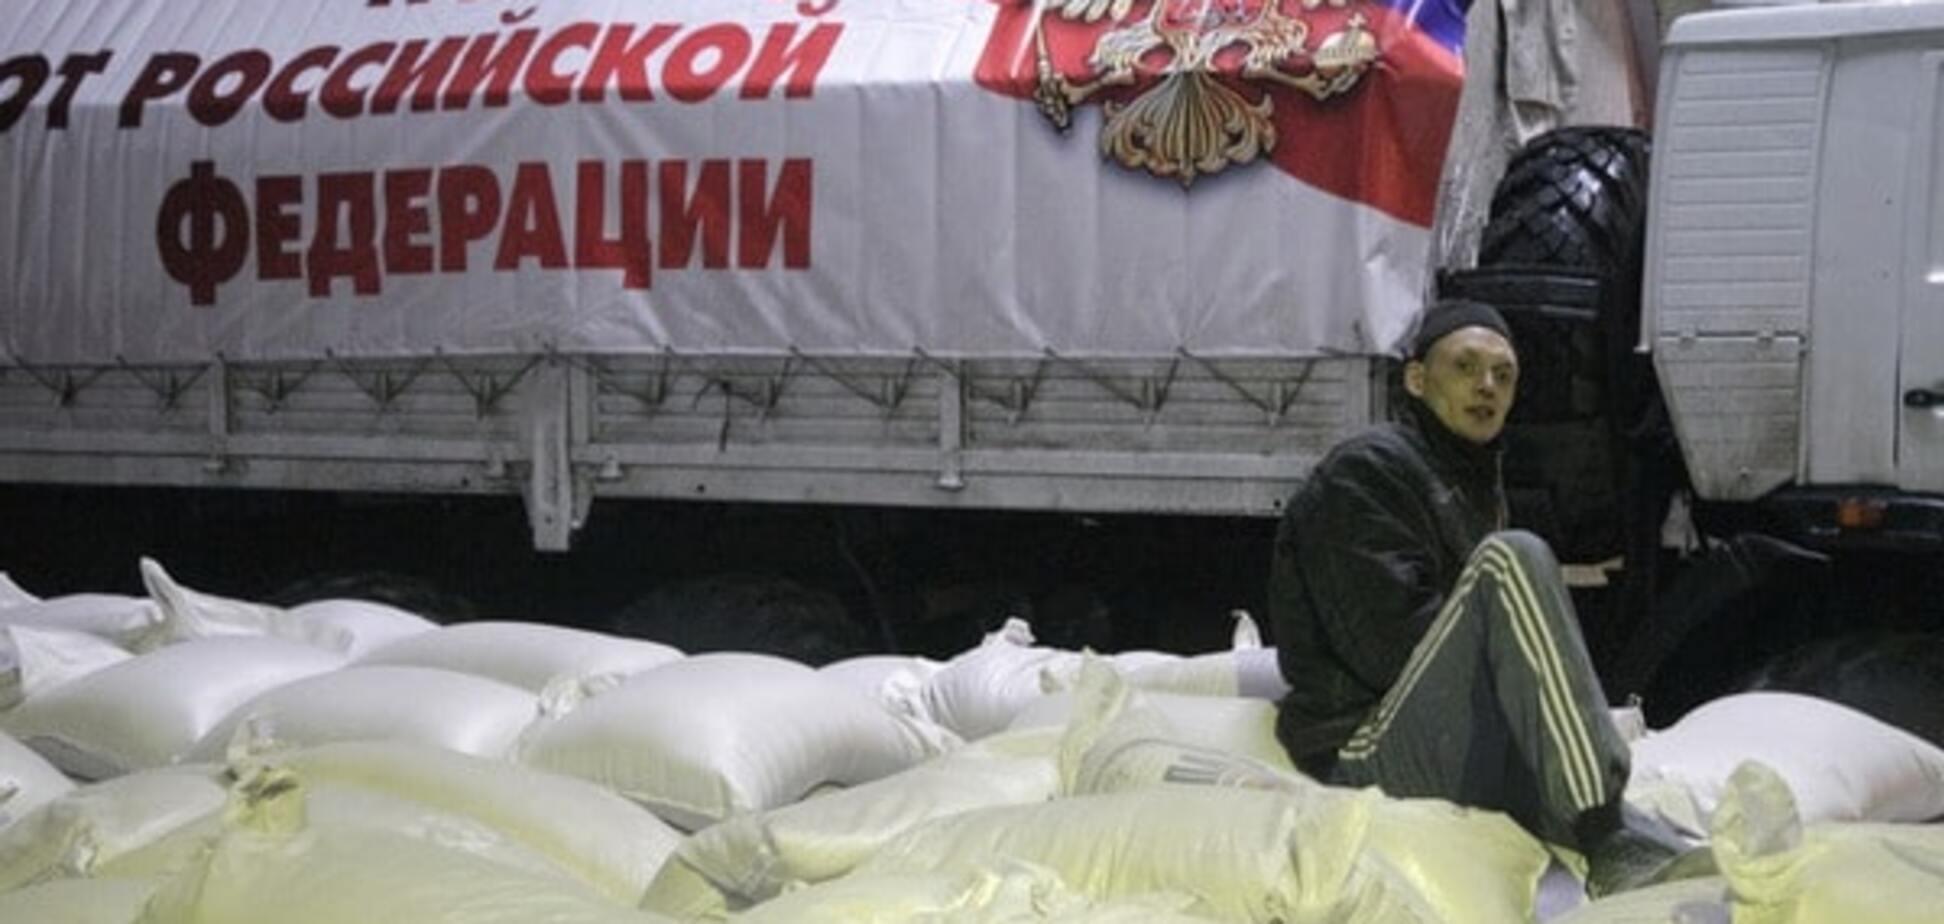 Їжа та унітази: стало відомо, що привіз гумконвій 'голодуючим' Донбасу